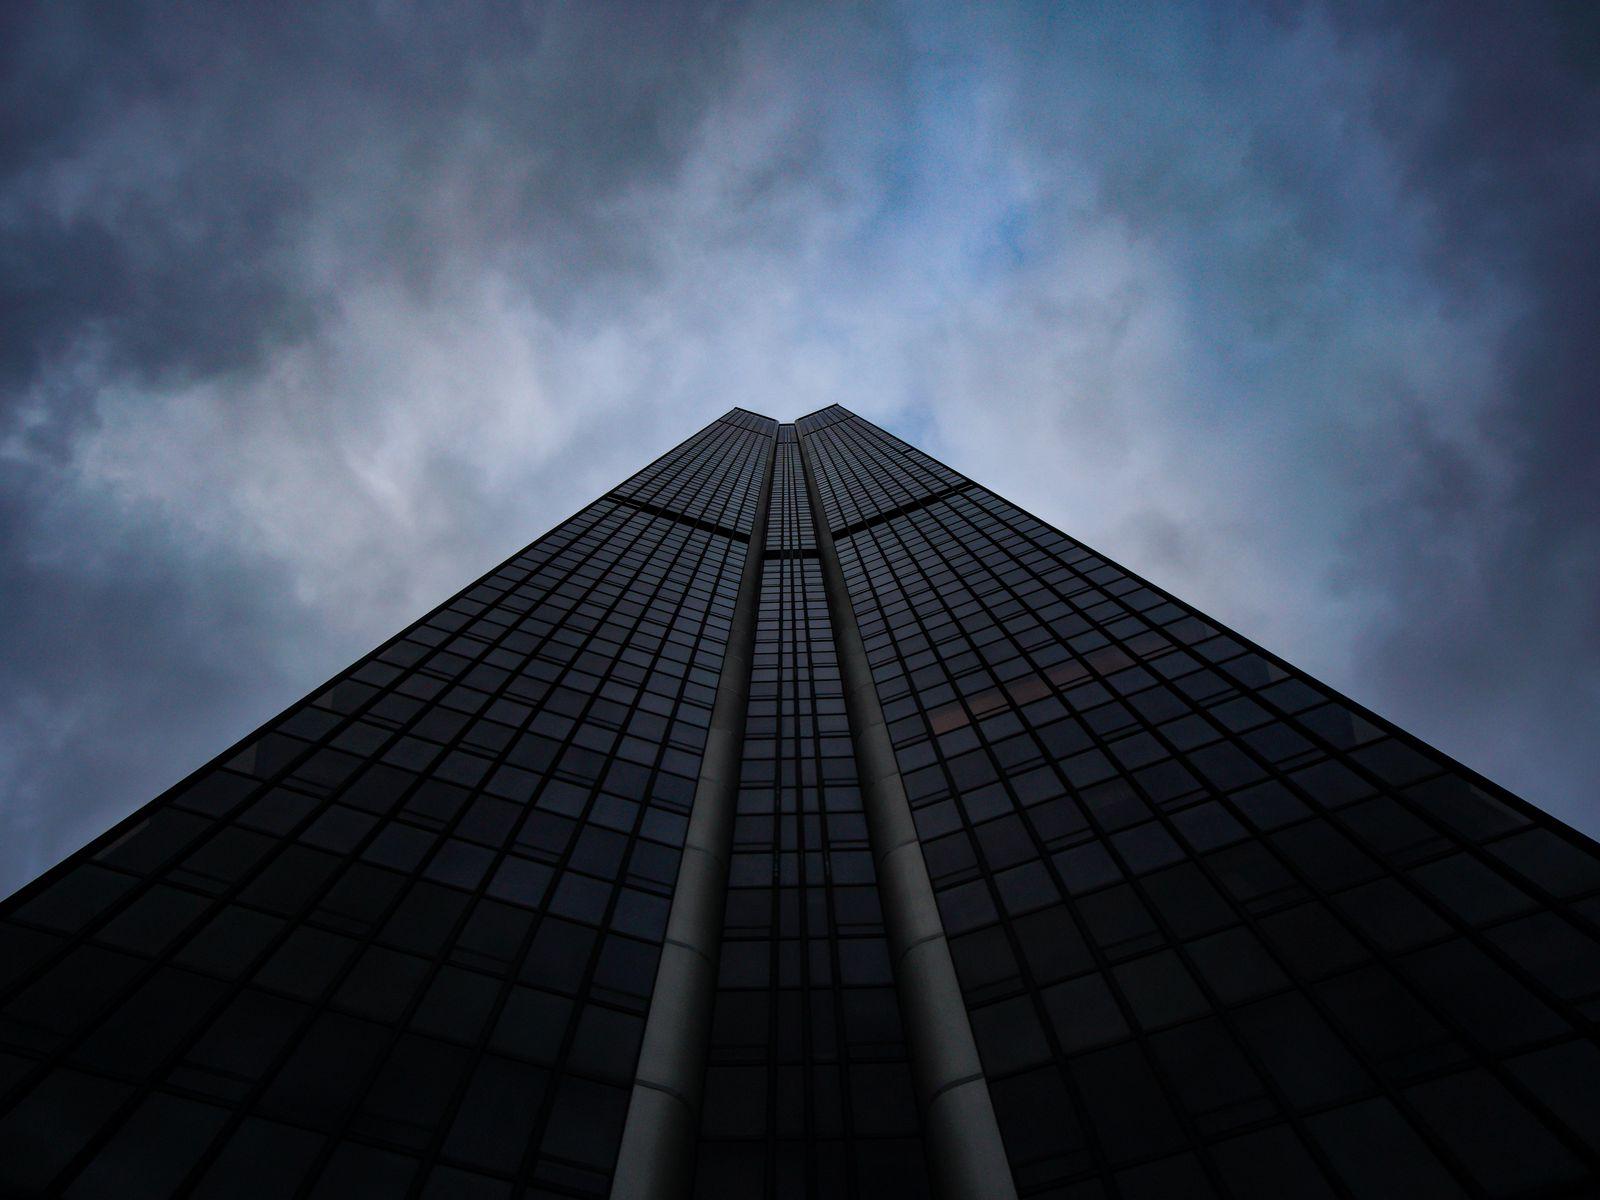 1600x1200 Wallpaper skyscraper, building, architecture, sky, bottom view